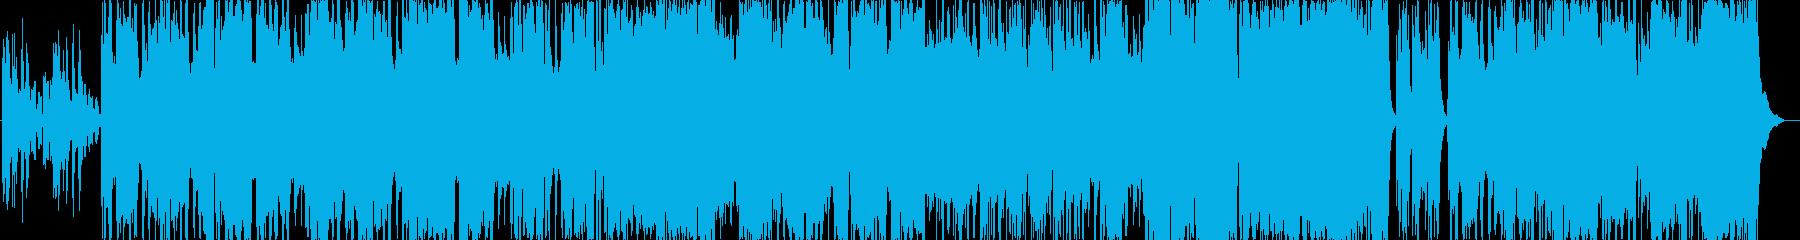 ペルー風の楽曲です。アンデス山脈に流れ…の再生済みの波形